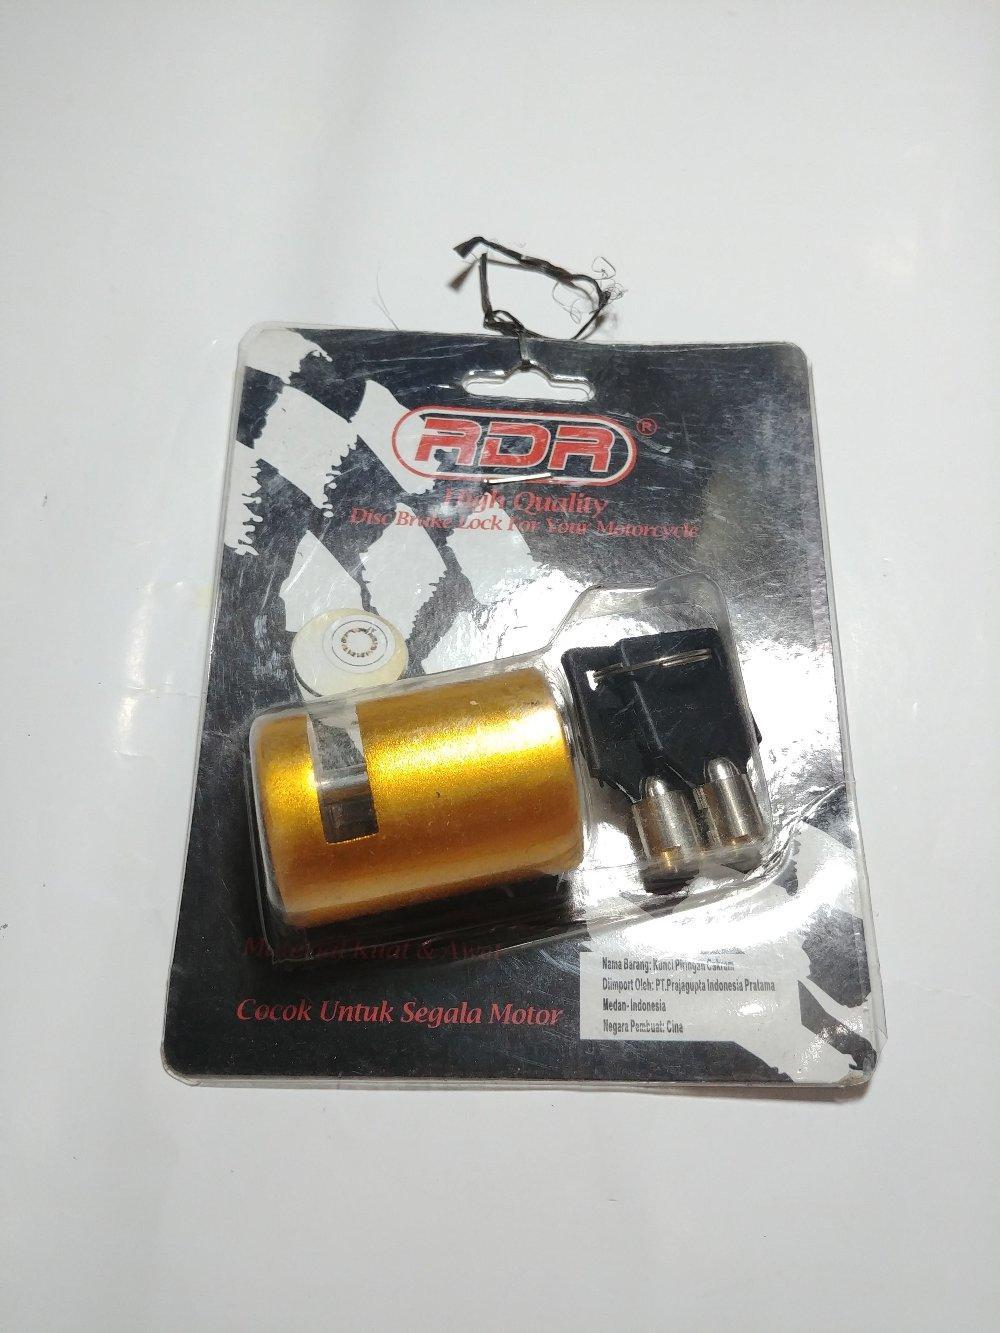 SCHONE SC-210 RED GEMBOK MOTOR SEPEDA PINTU GERBANG PINTU KACA · SCHONE . Source